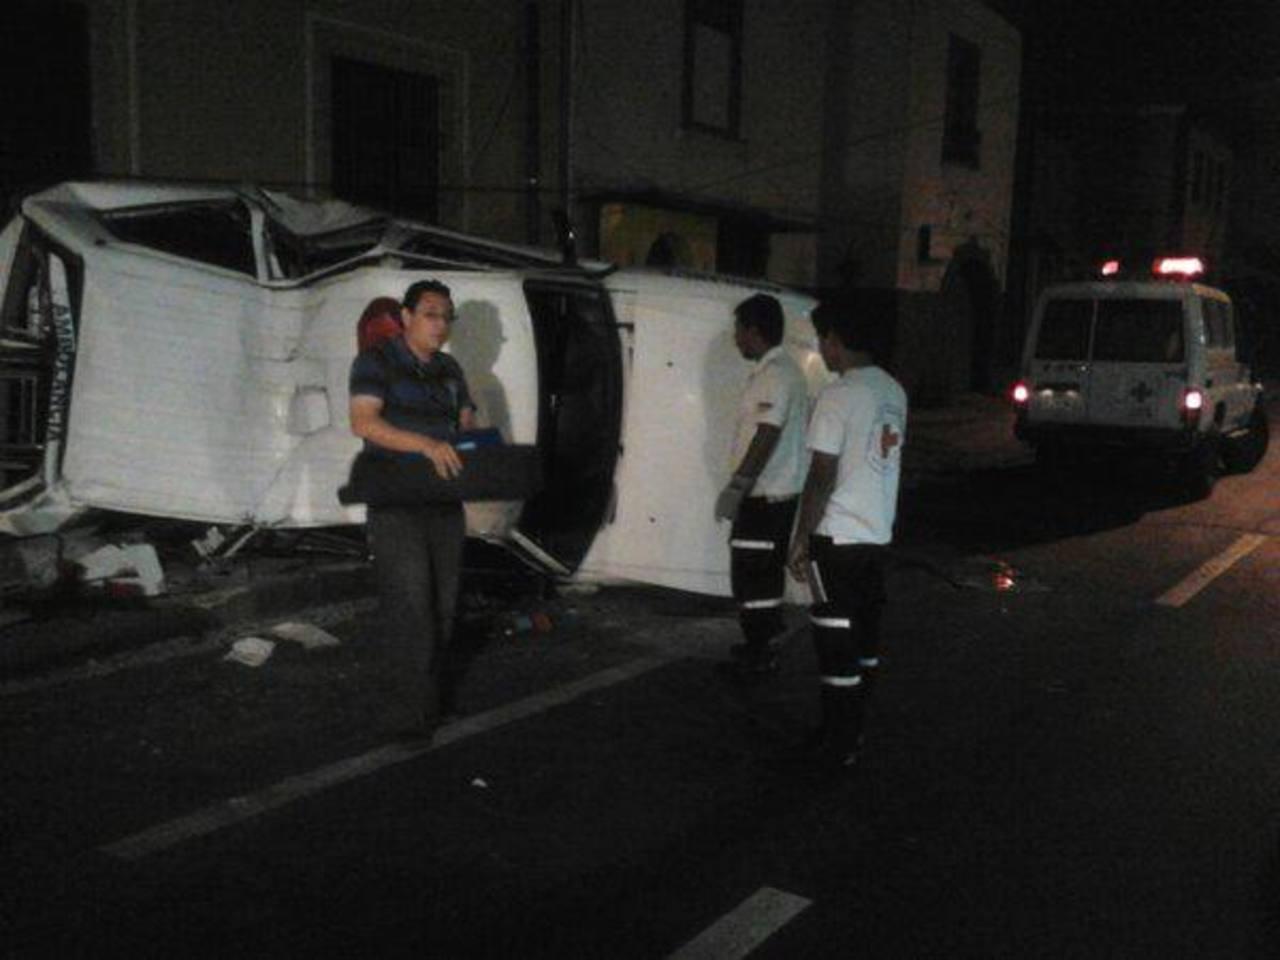 El hecho ocurrió sobre la 4a calle Oriente y 7a Avenida Sur, Santa Tecla. Foto @UrquilloSV